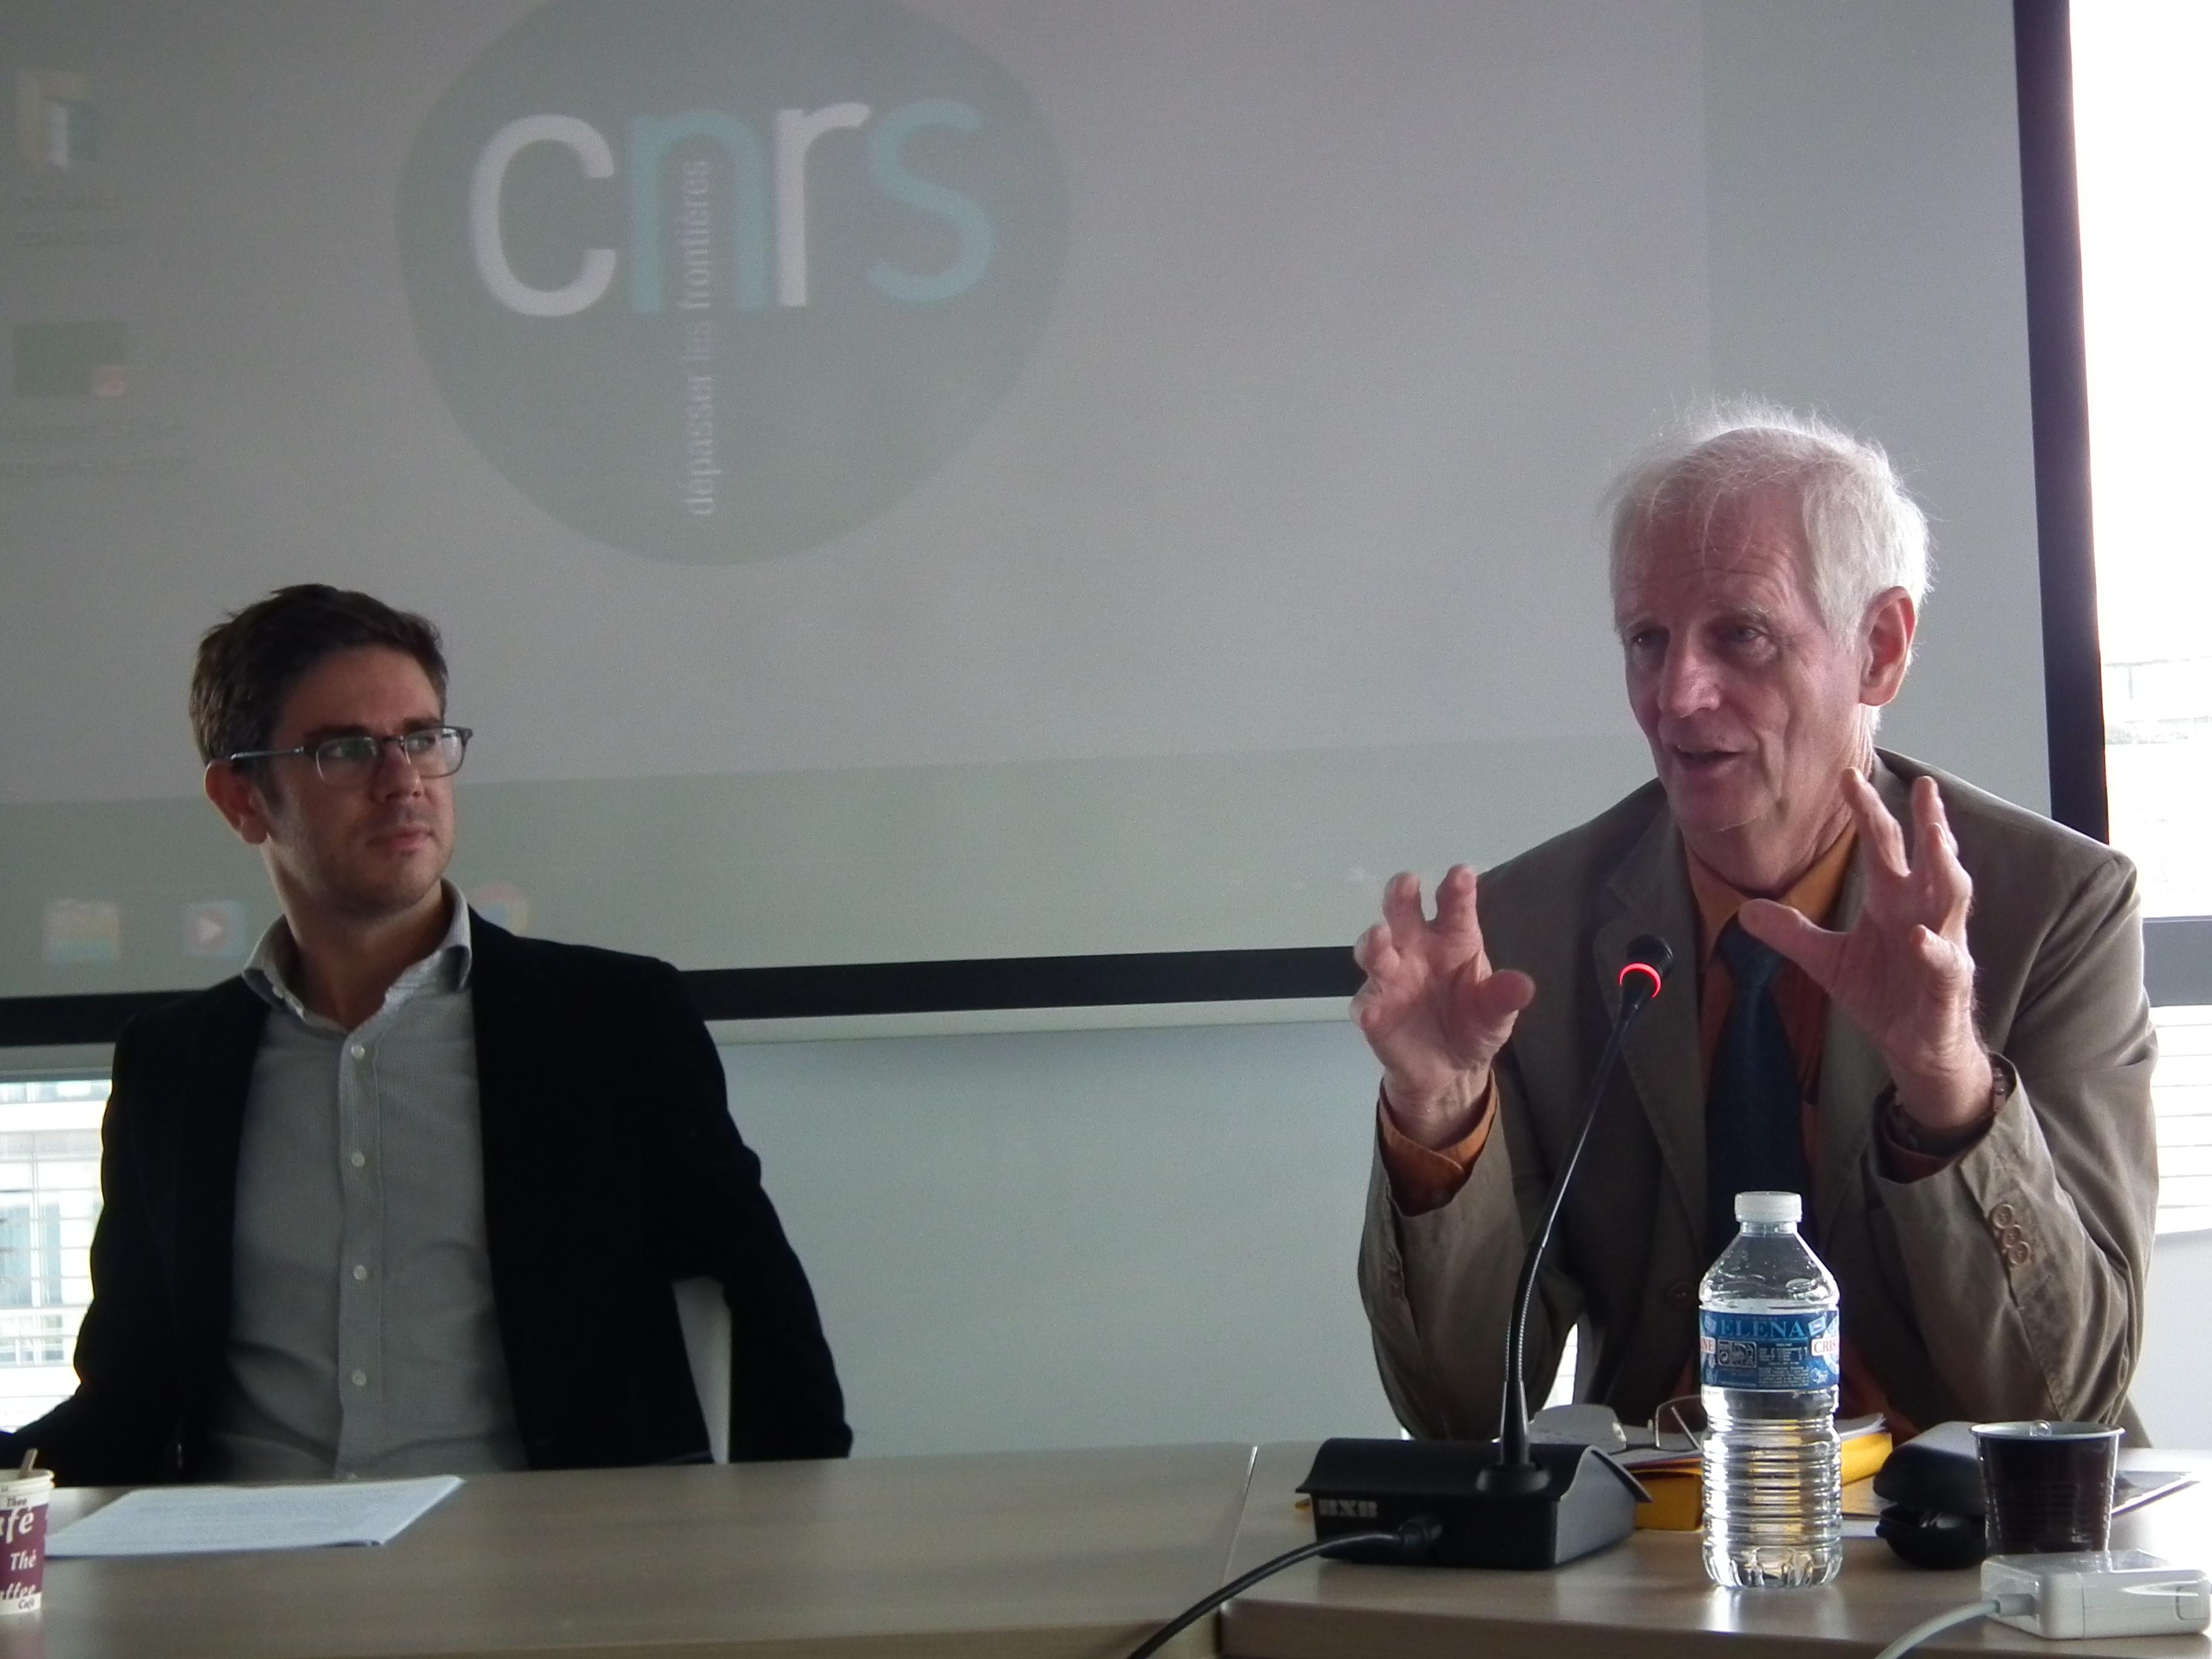 Les chercheurs Jean-Marc Regnault et Jean-François Sabouret ont animé ce colloque donné au CNRS en début de semaine à Paris